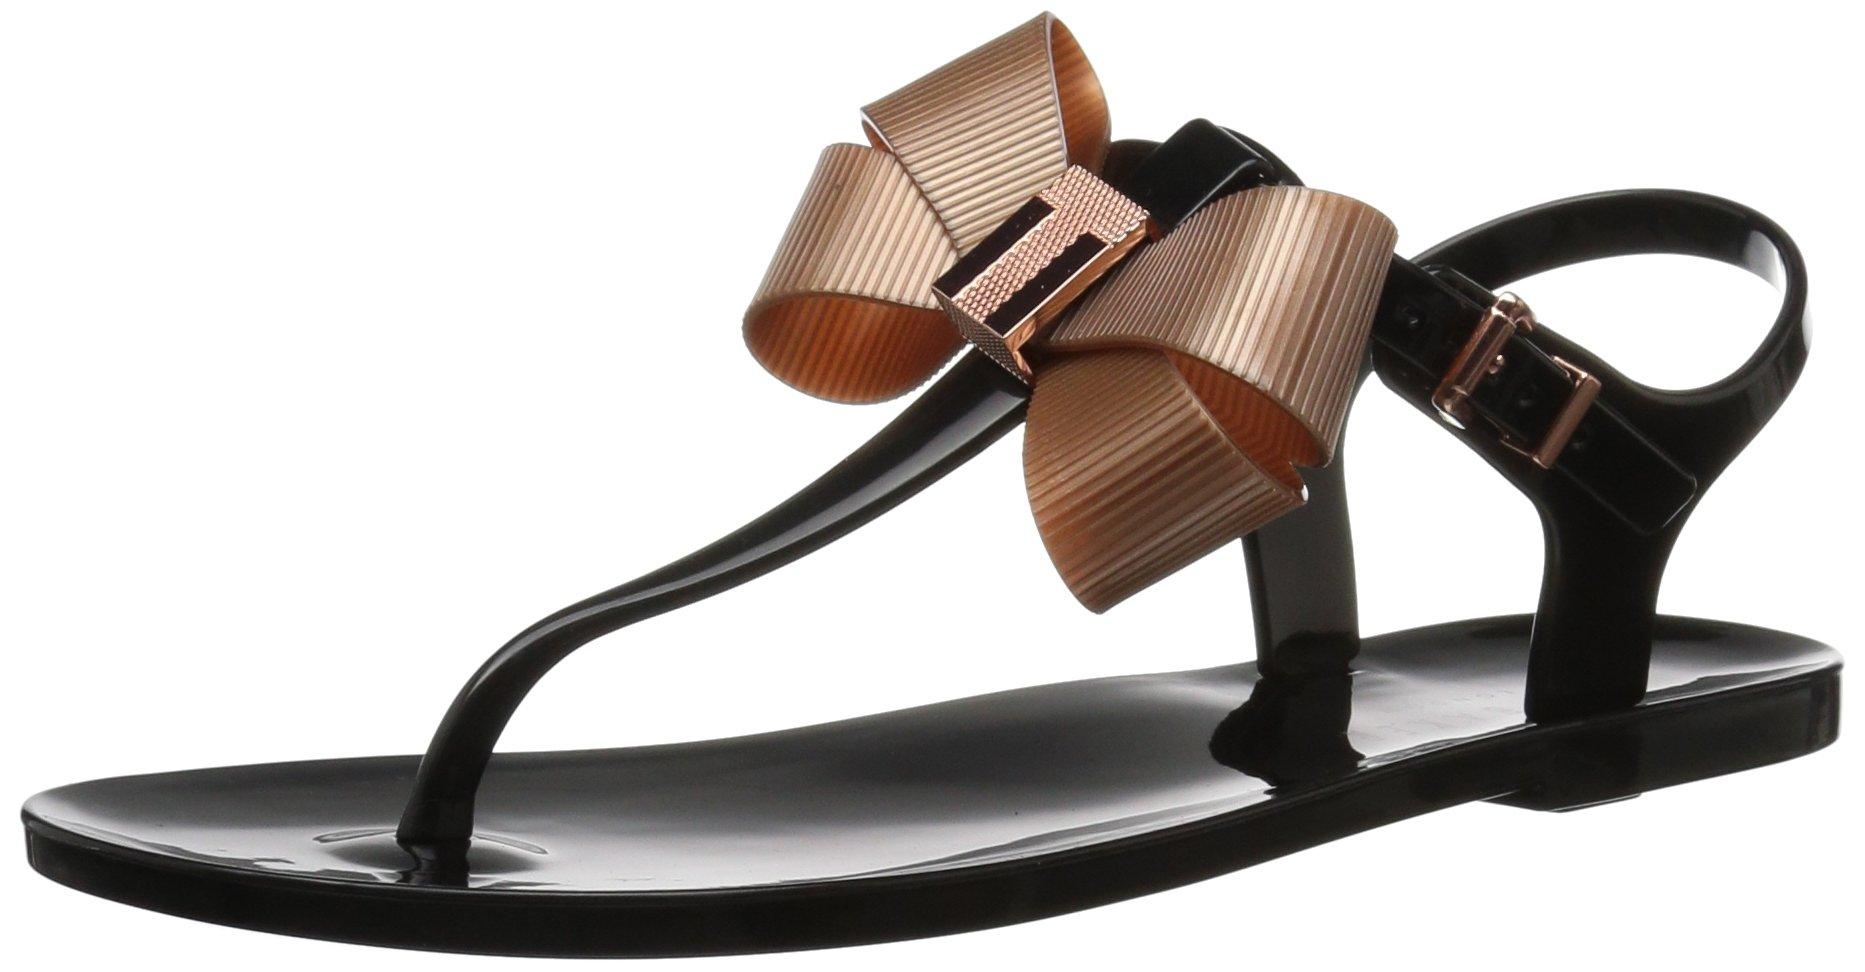 Ted Baker Women's Camaril Sandal, Black, 9 B(M) US